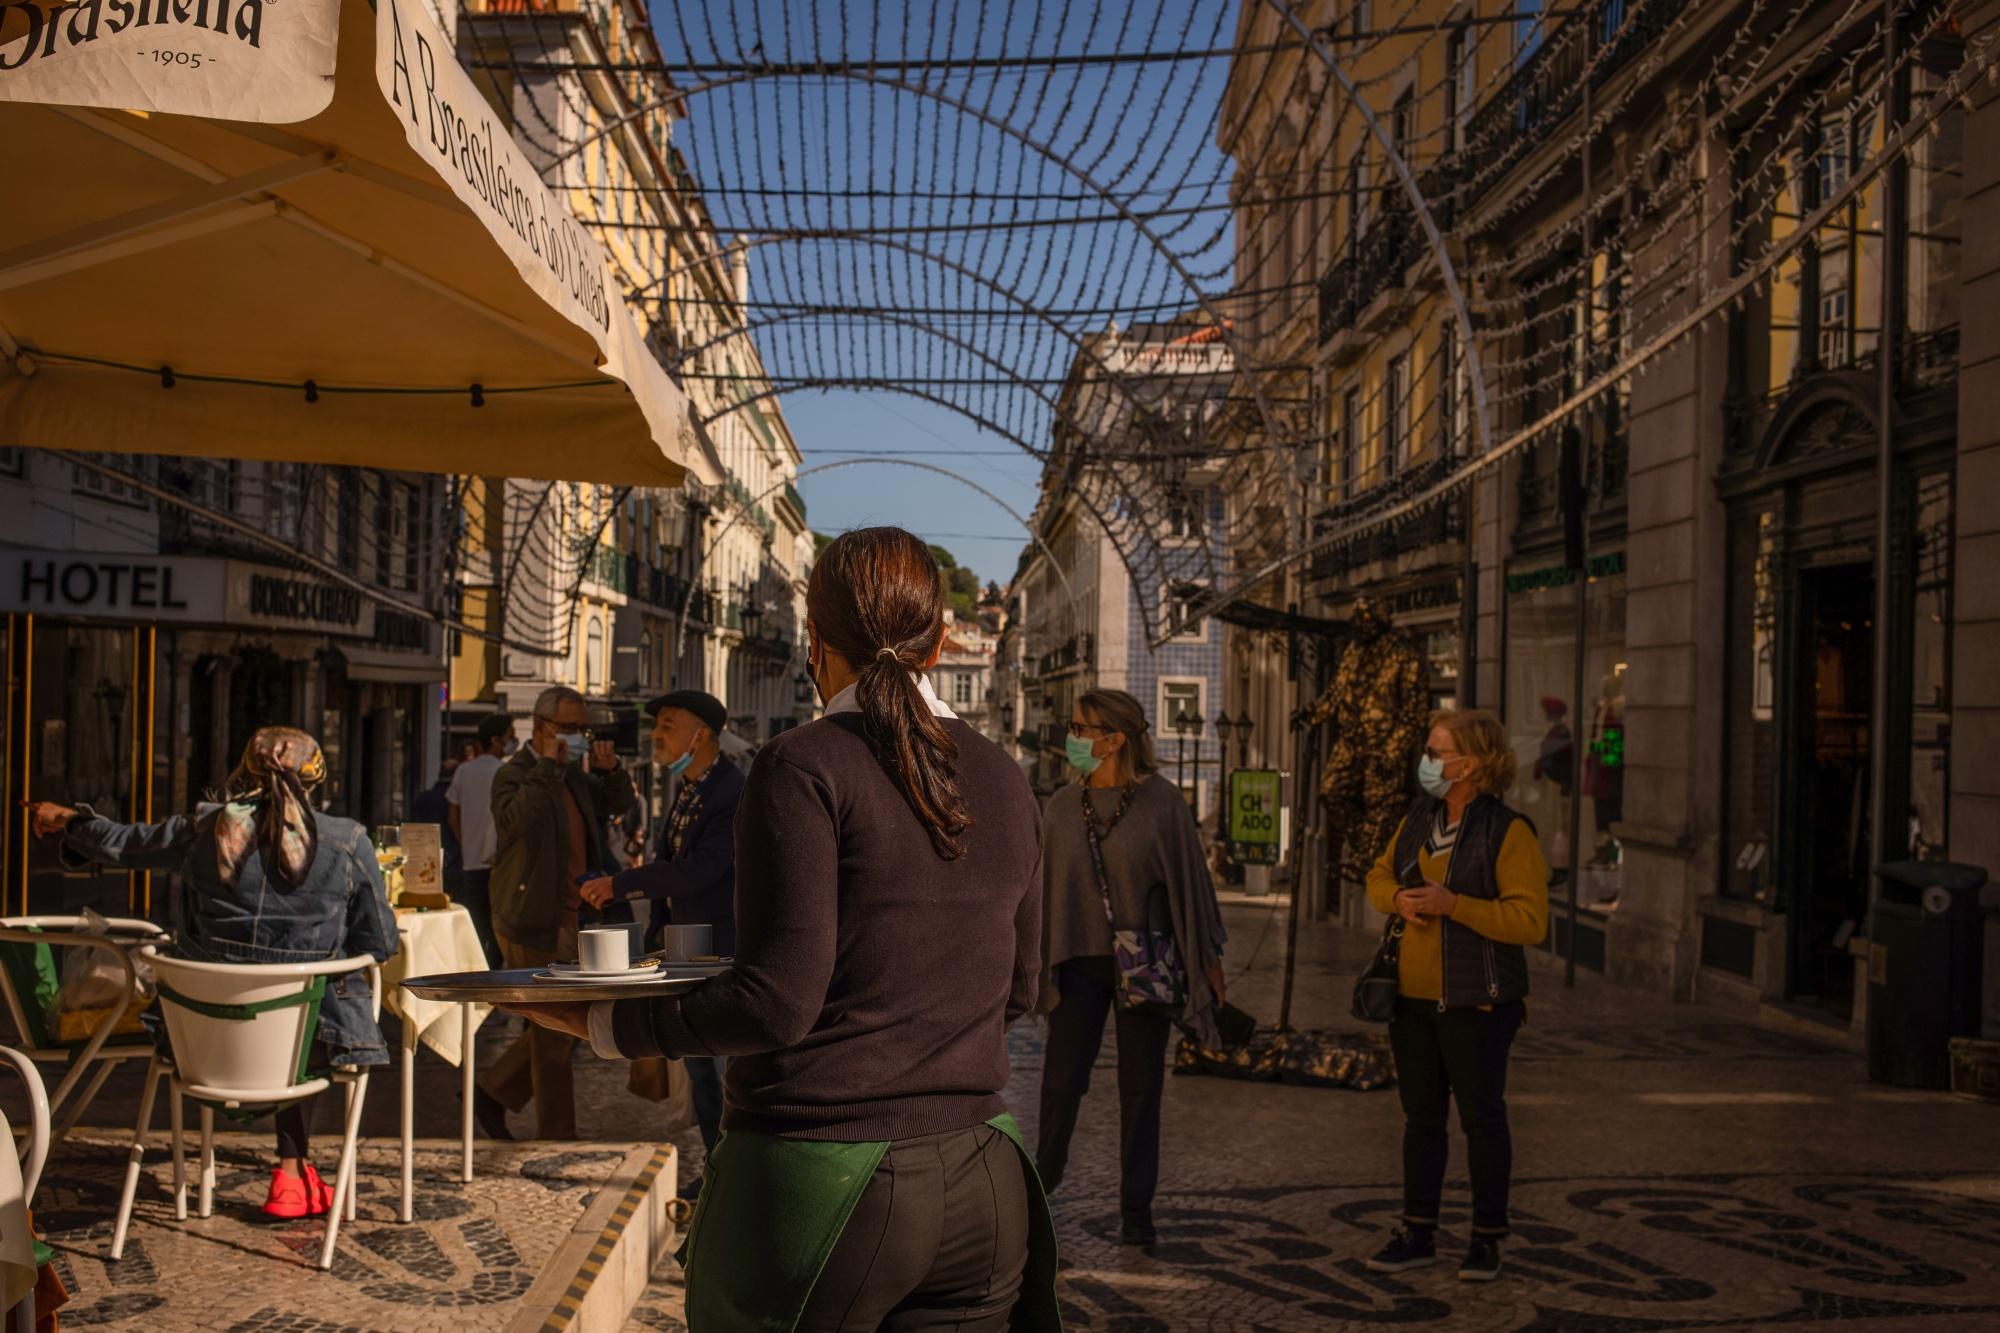 Funcionário atende clientes na esplanada de um hotel do bairro do Shiado, em Lisboa.